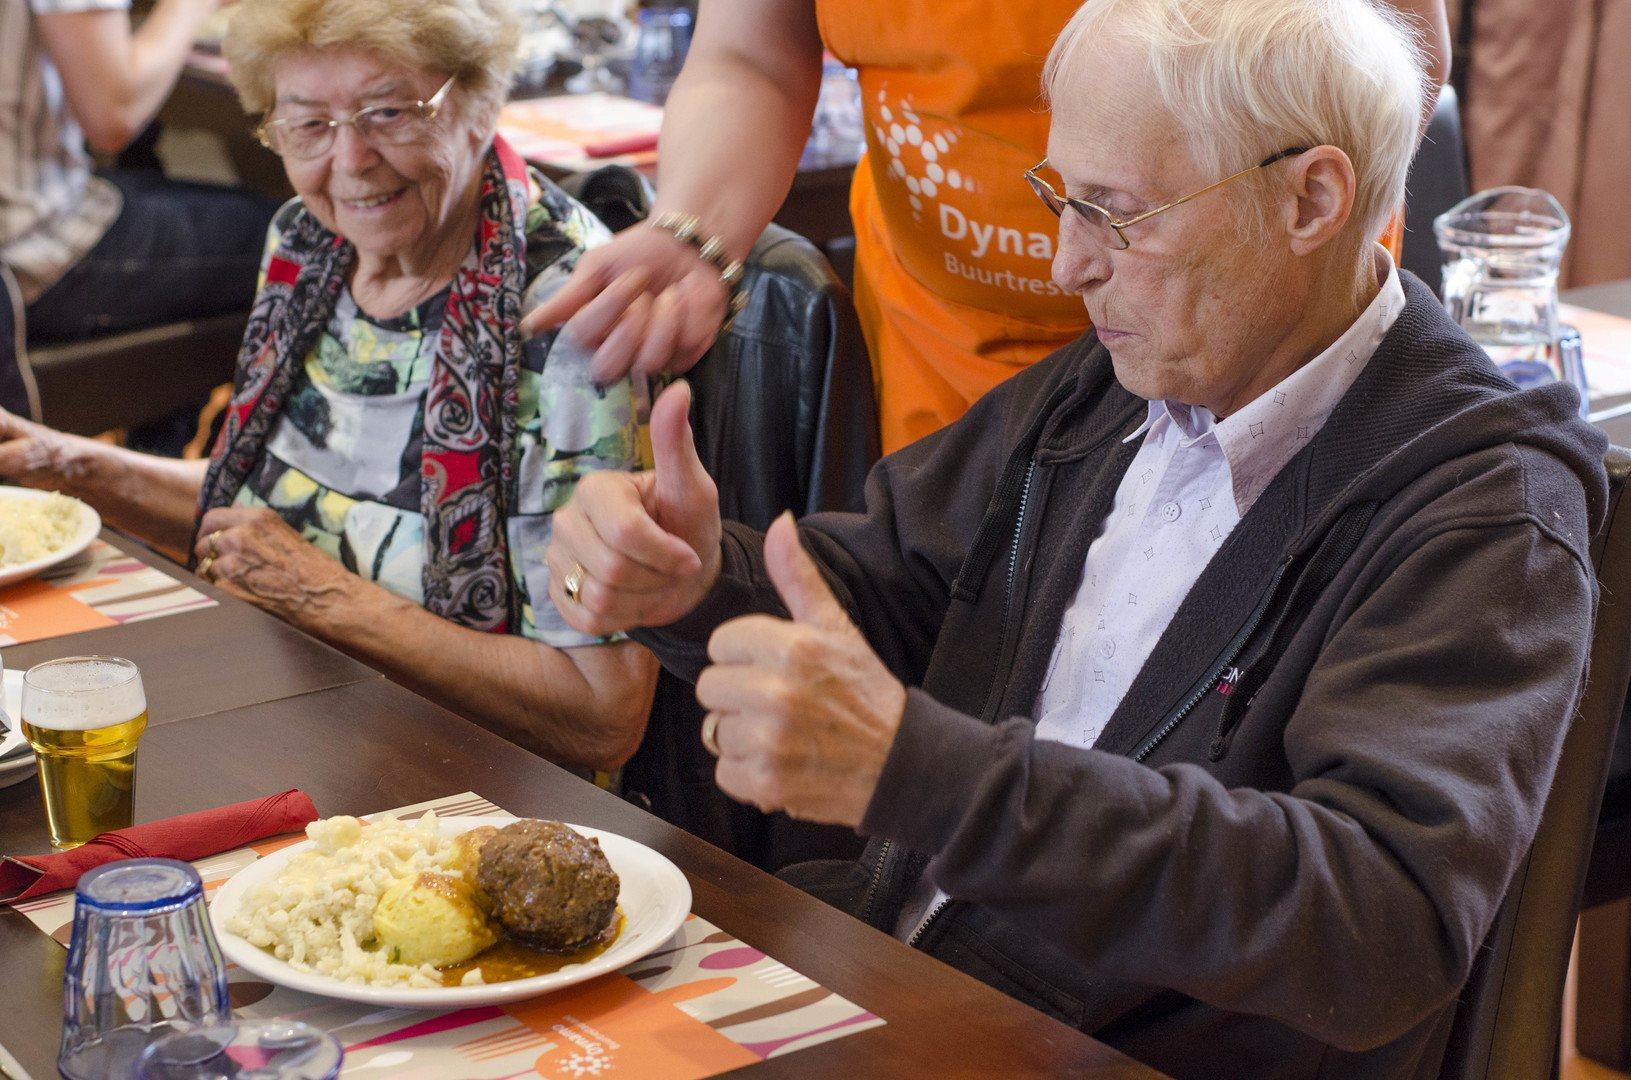 Bingo & Diner, servicepunt Het Brinkhuis, Dynamo, Amsterdam